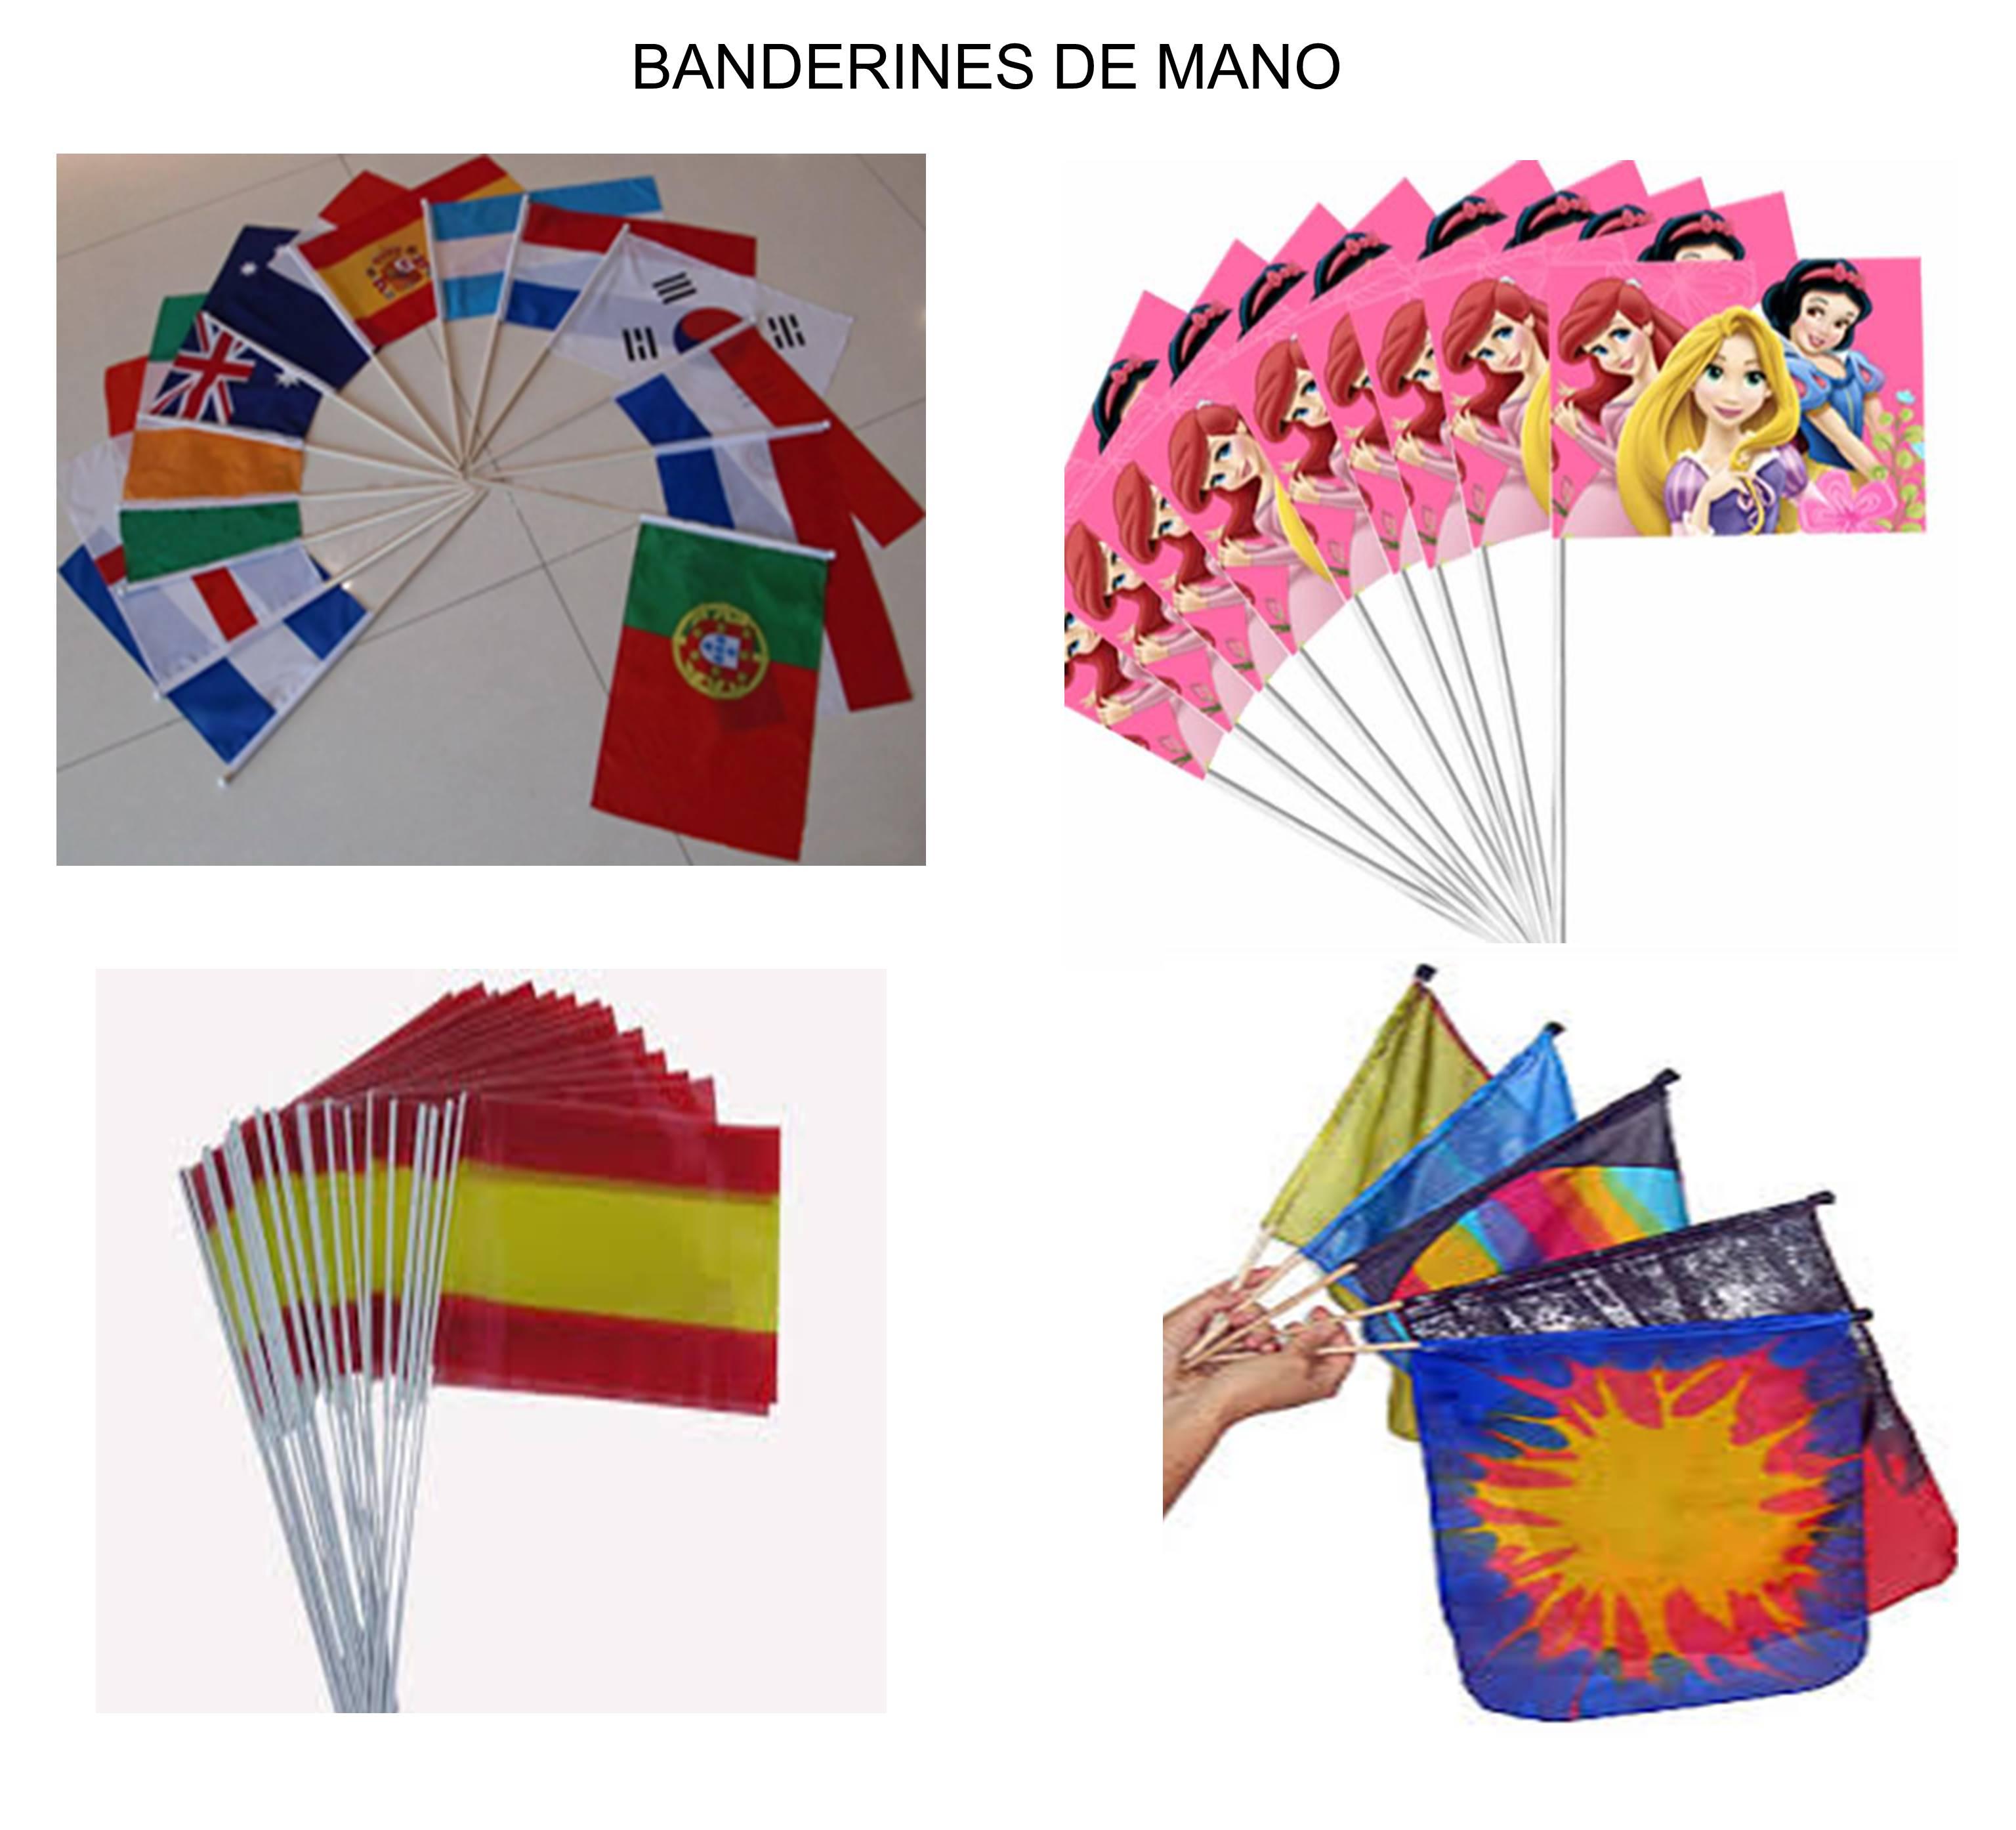 Banderines de Mano